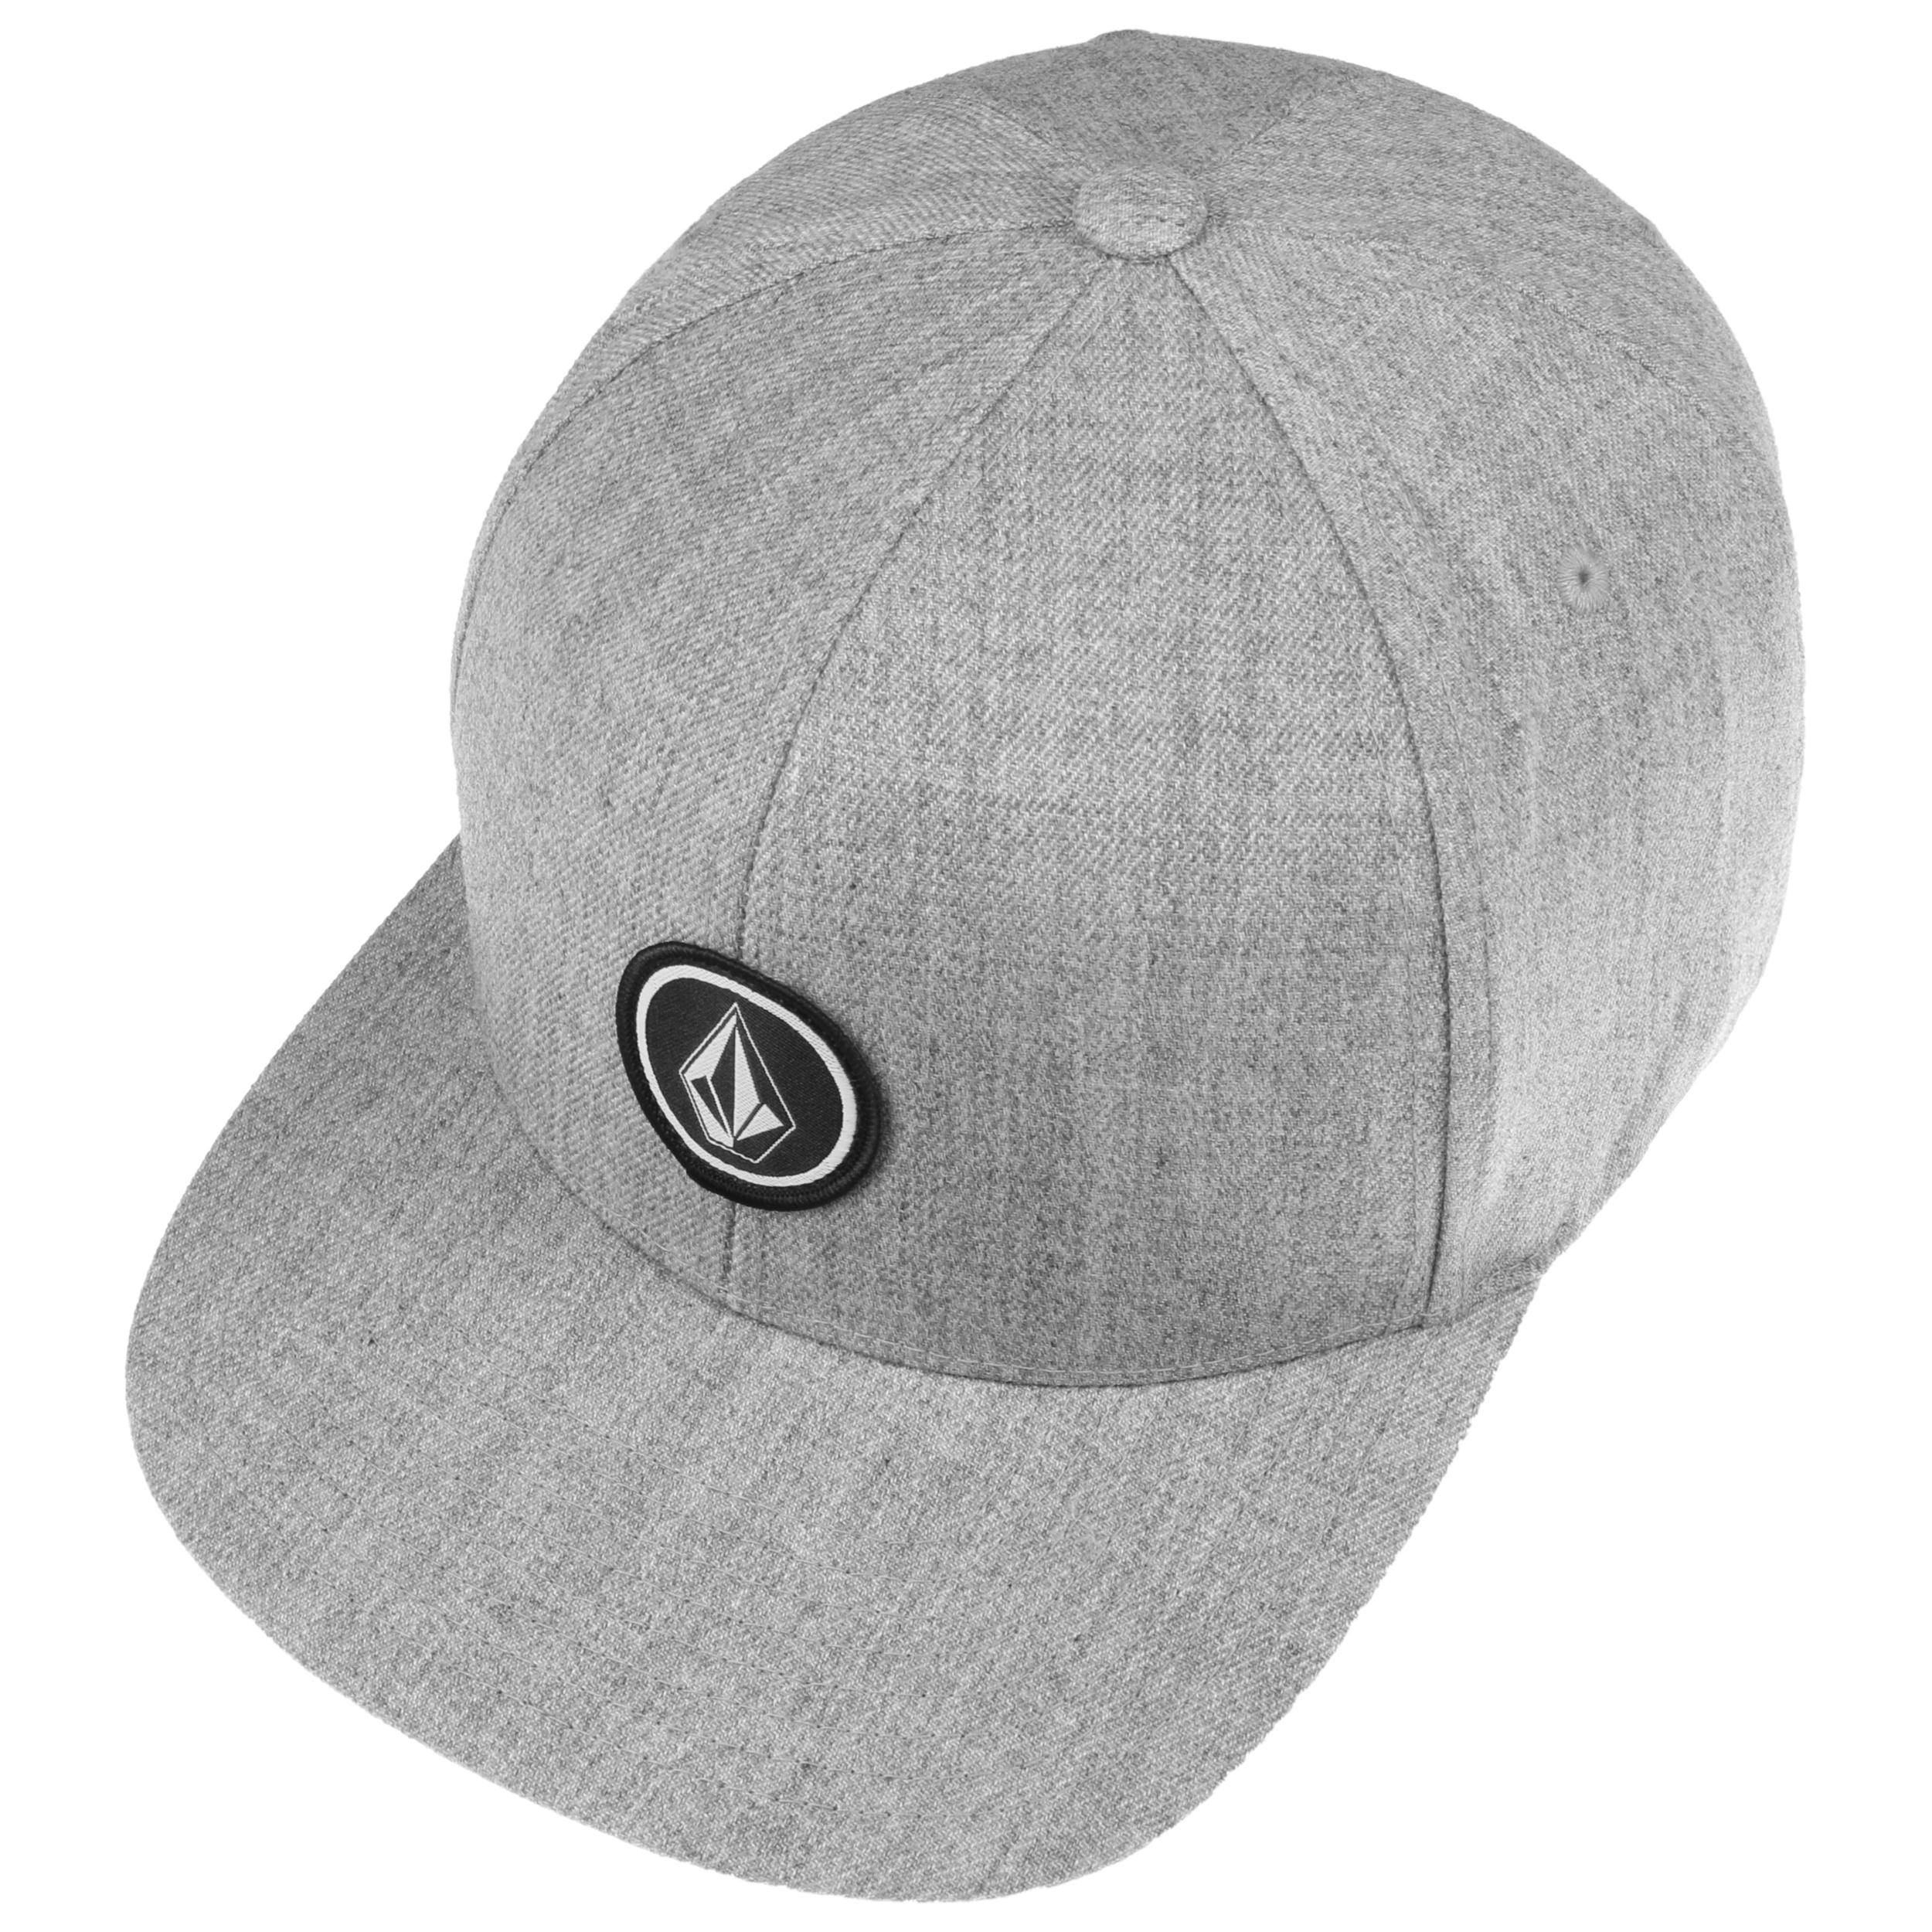 Volcom Men/'s Quarter Twill Snapback Hat Black Cap Summer Headwear